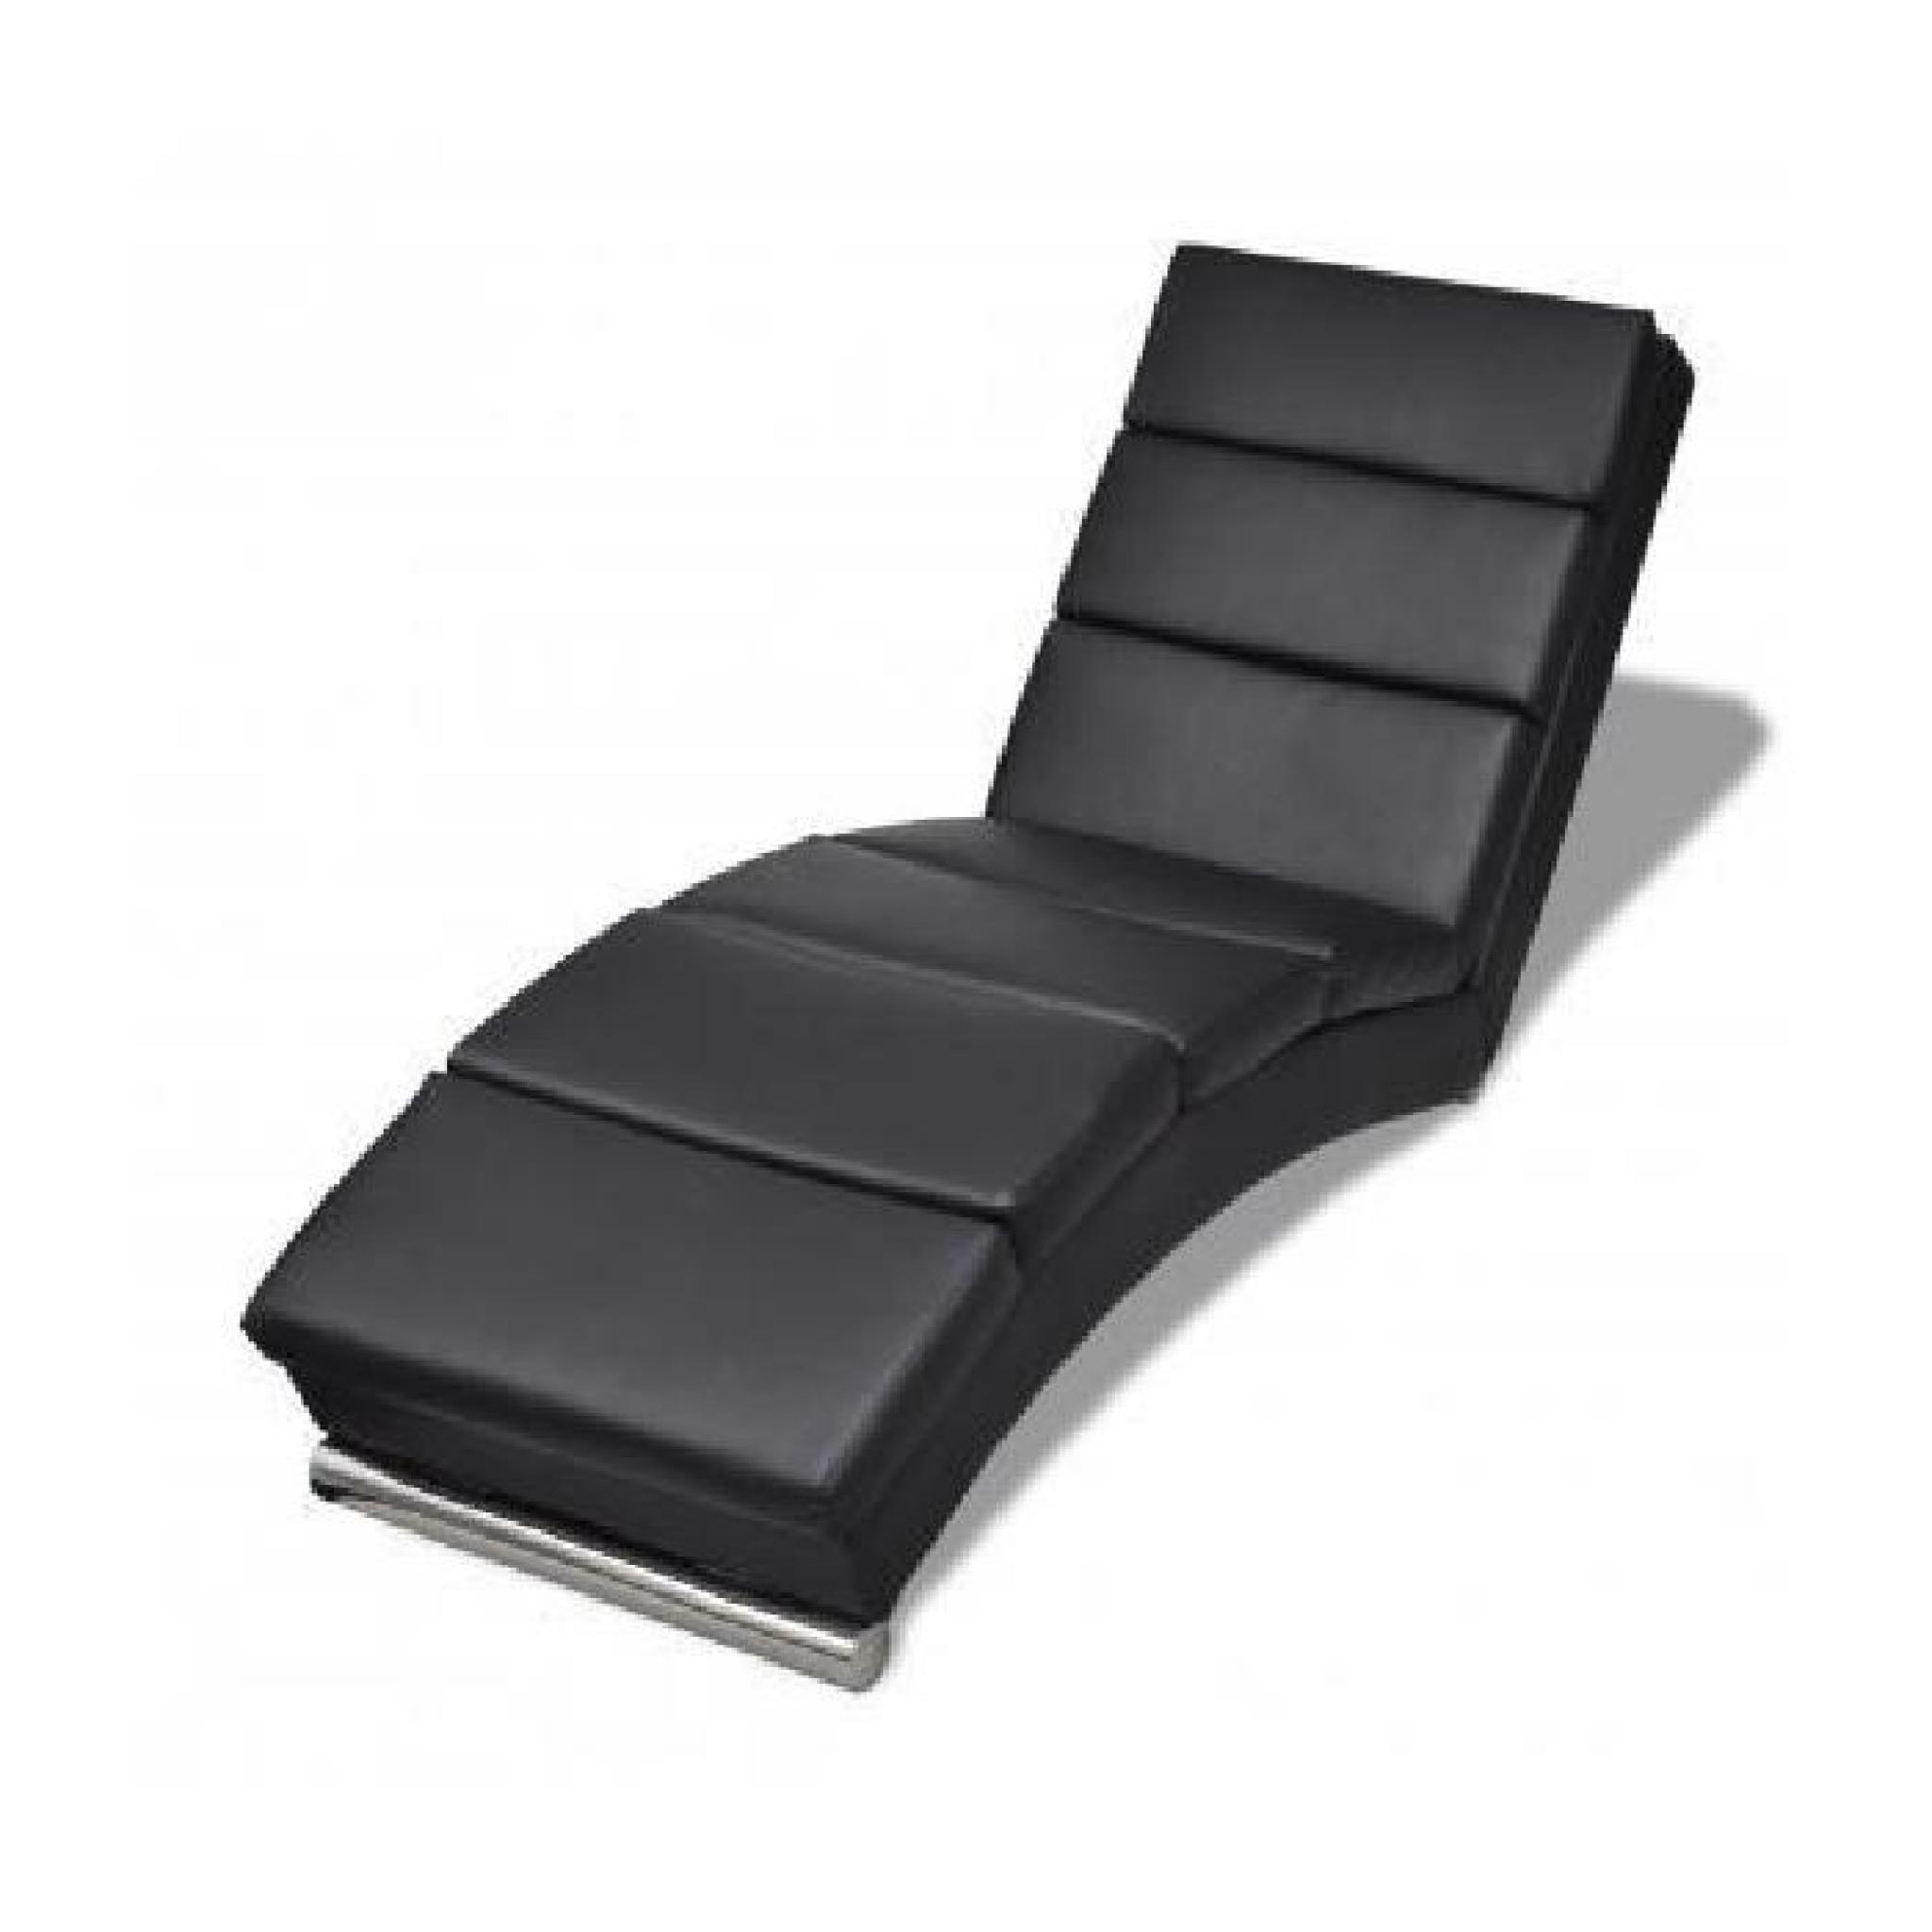 Chaise longue noire stylashop achat vente transat de for Chaise transat pas cher